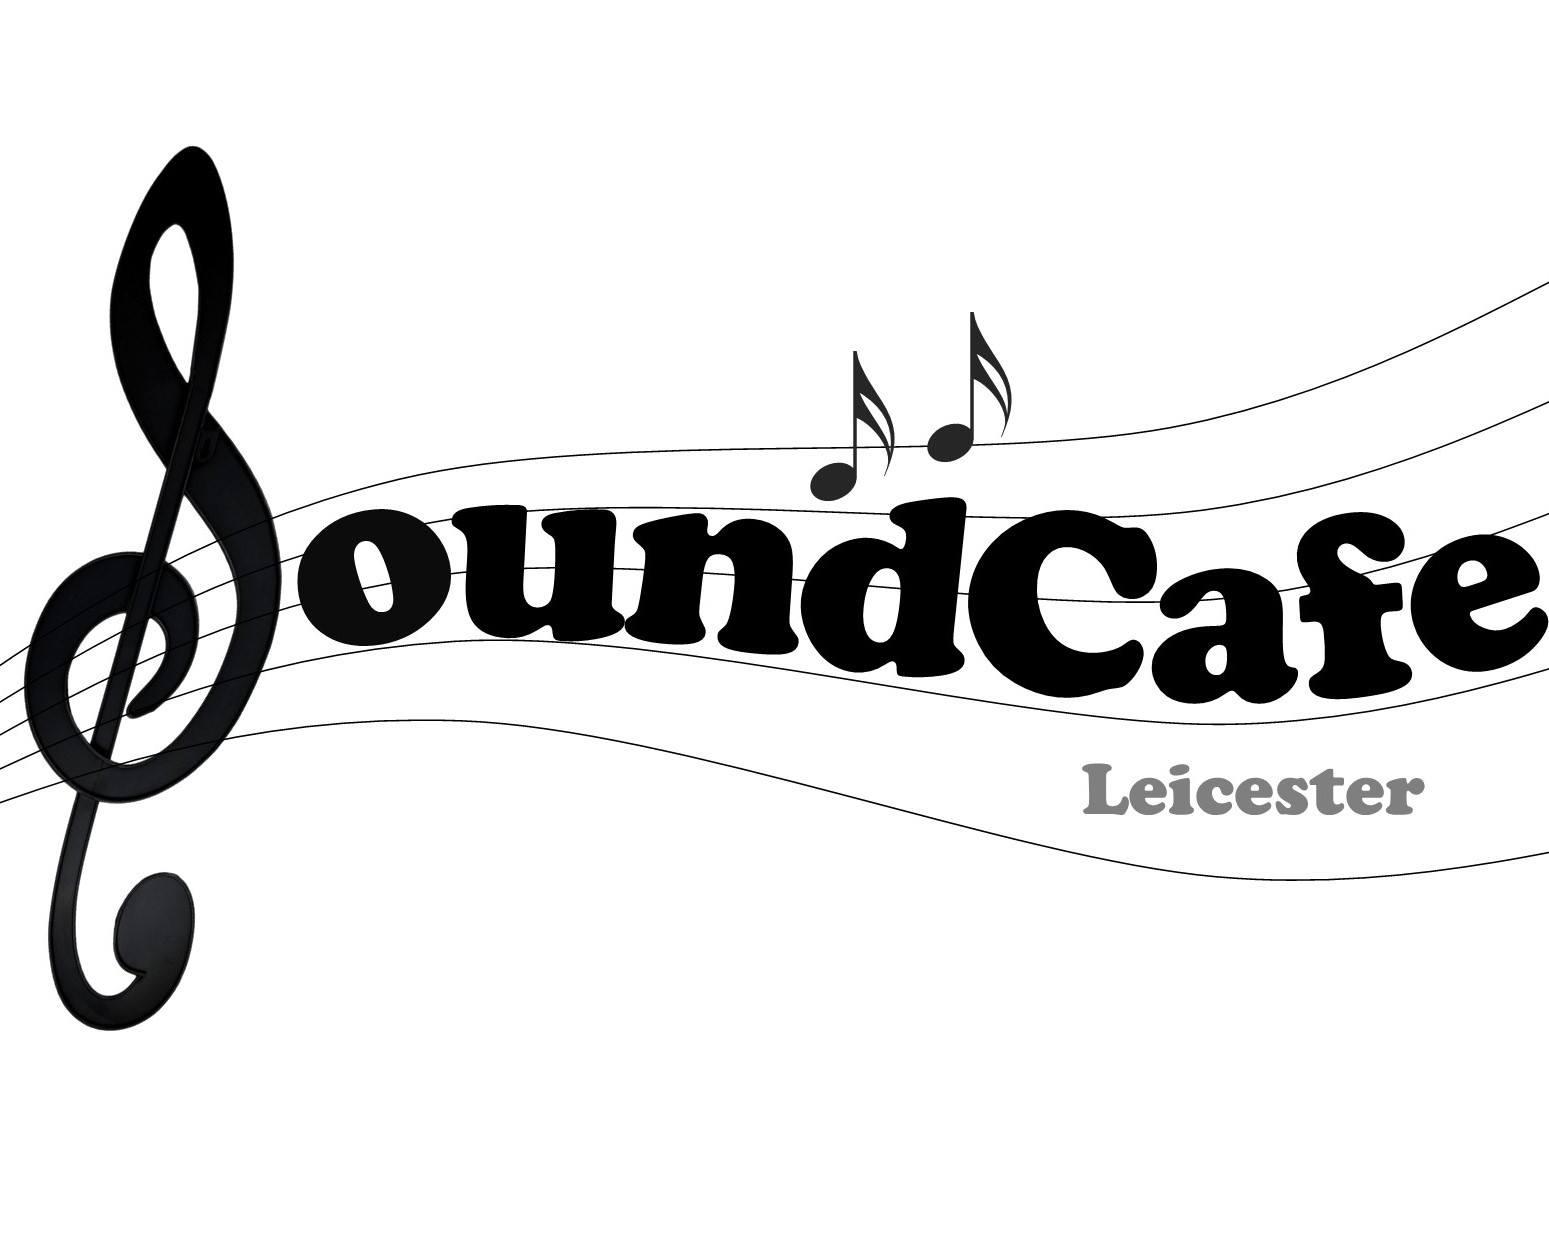 leicester soundcafe